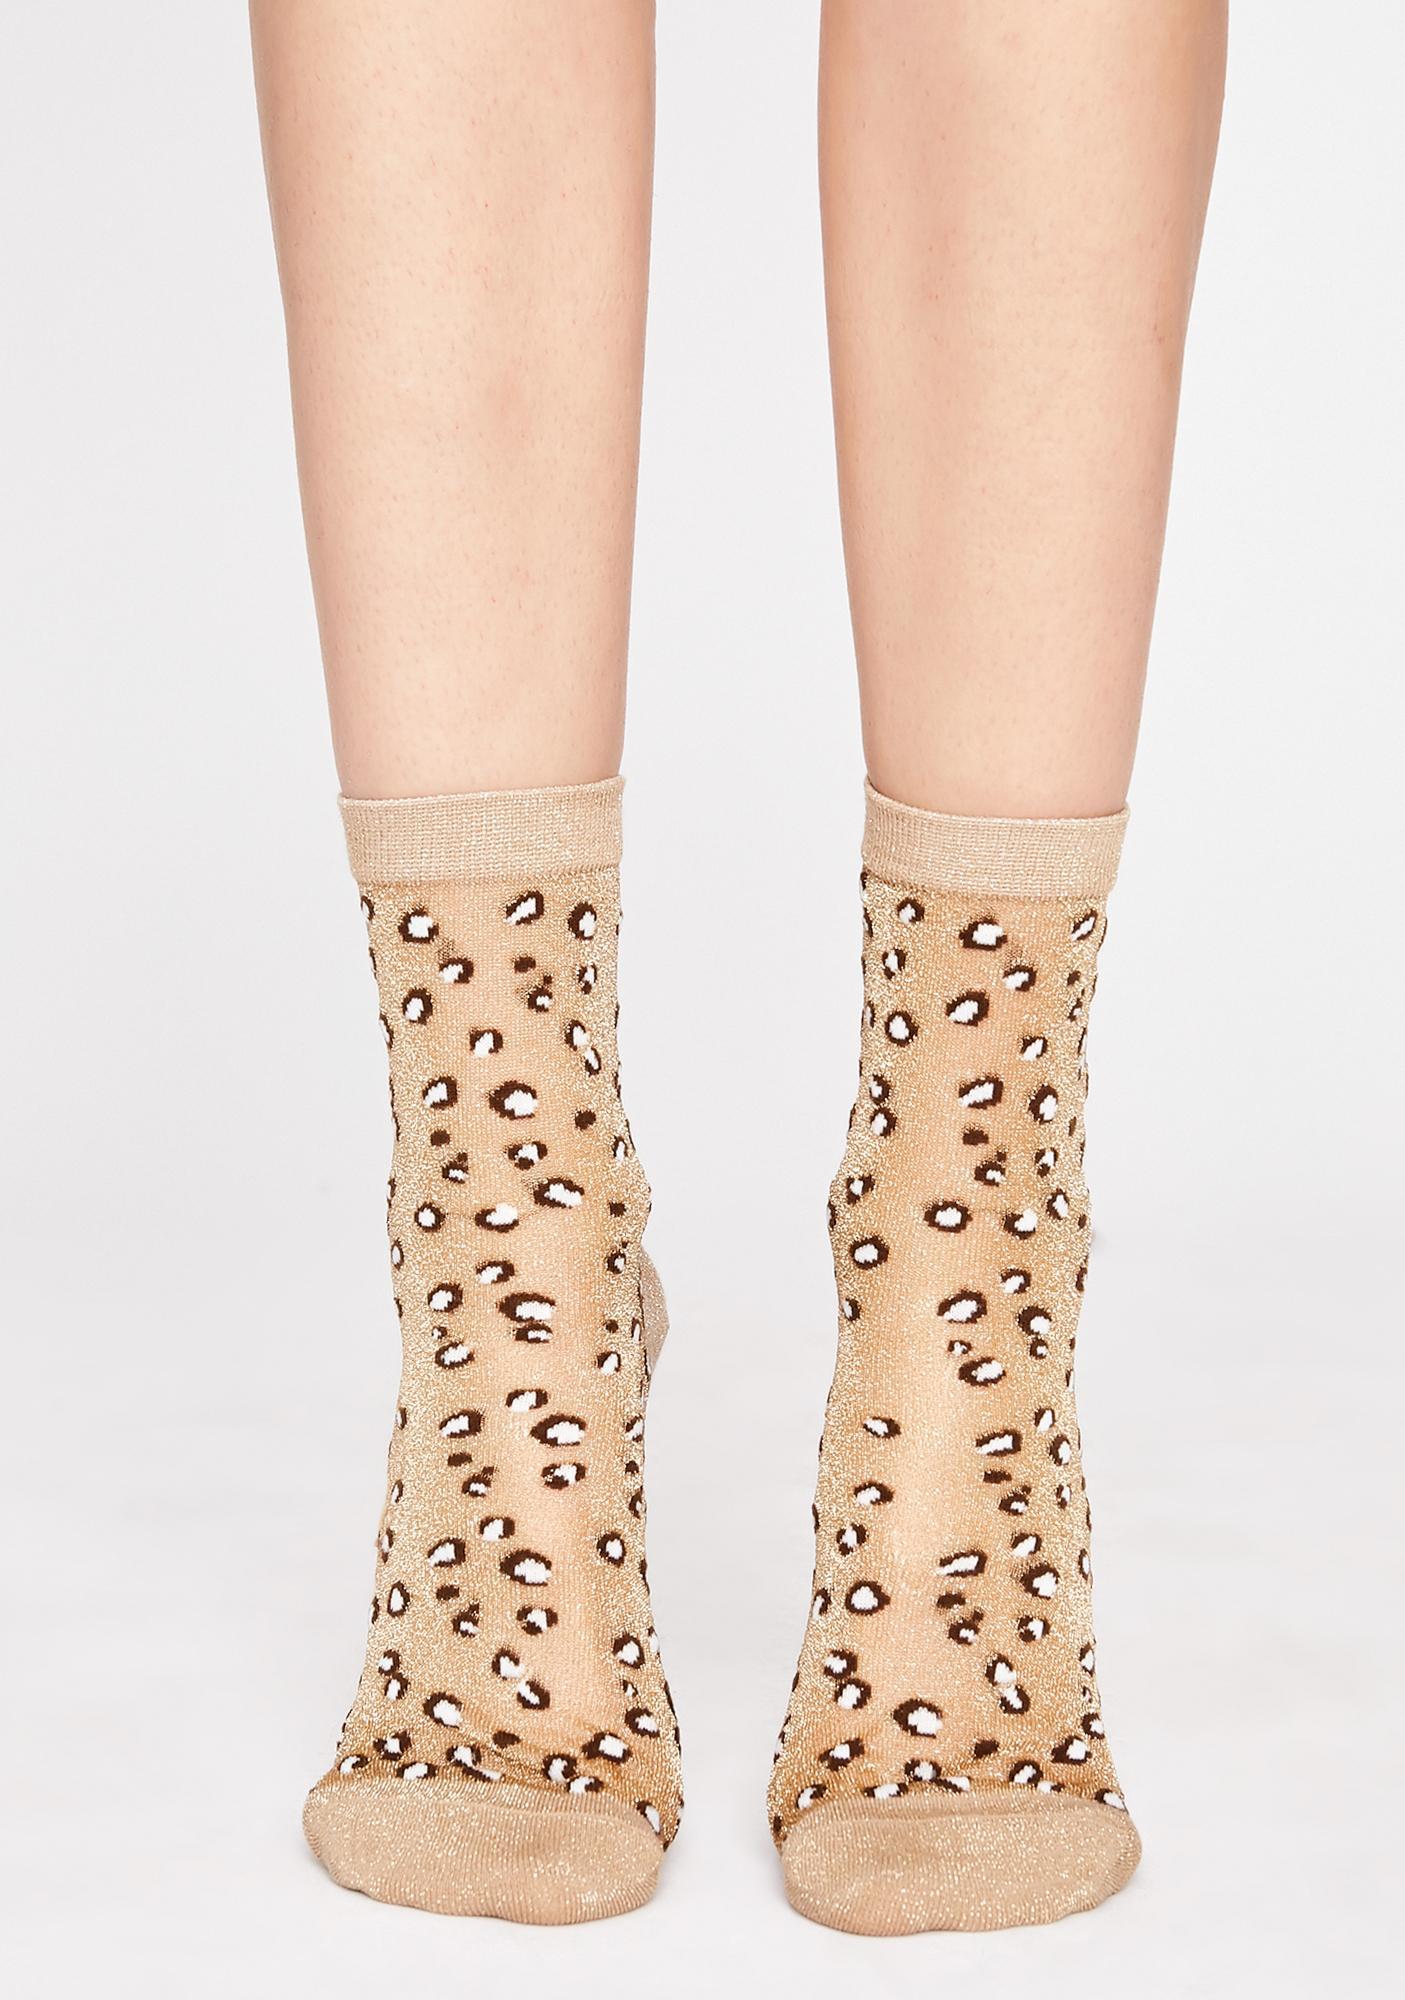 Sheer Fierceness Leopard Socks